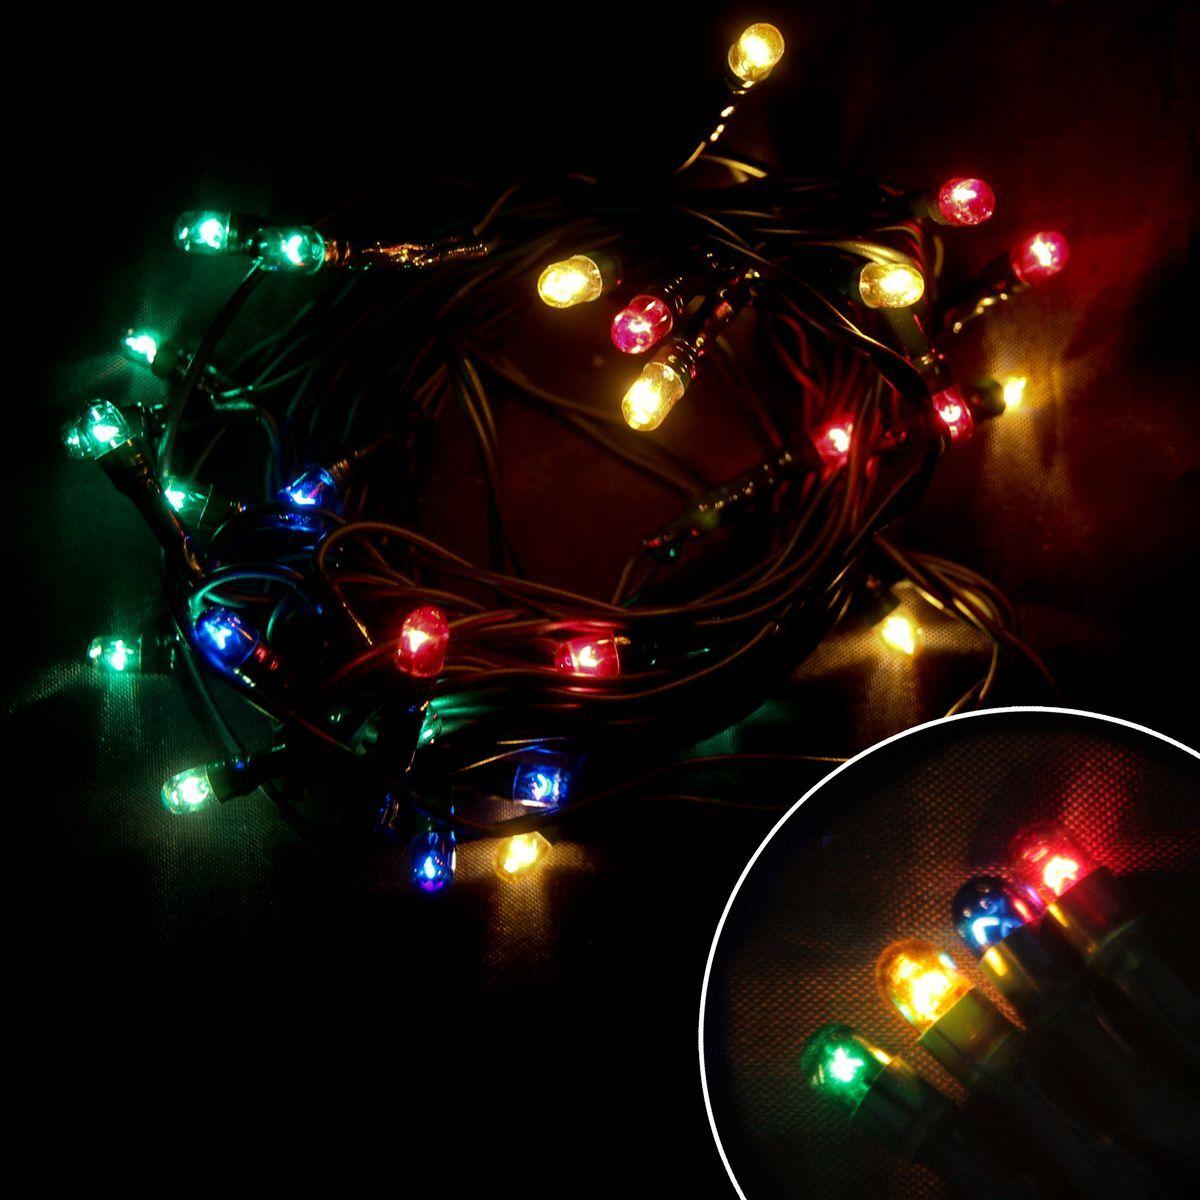 Электрическая гирлянда Волшебная страна PR/R-30-3-MC, многоцветная, 30 ламп, без мигания, зеленый шнур, 3 м